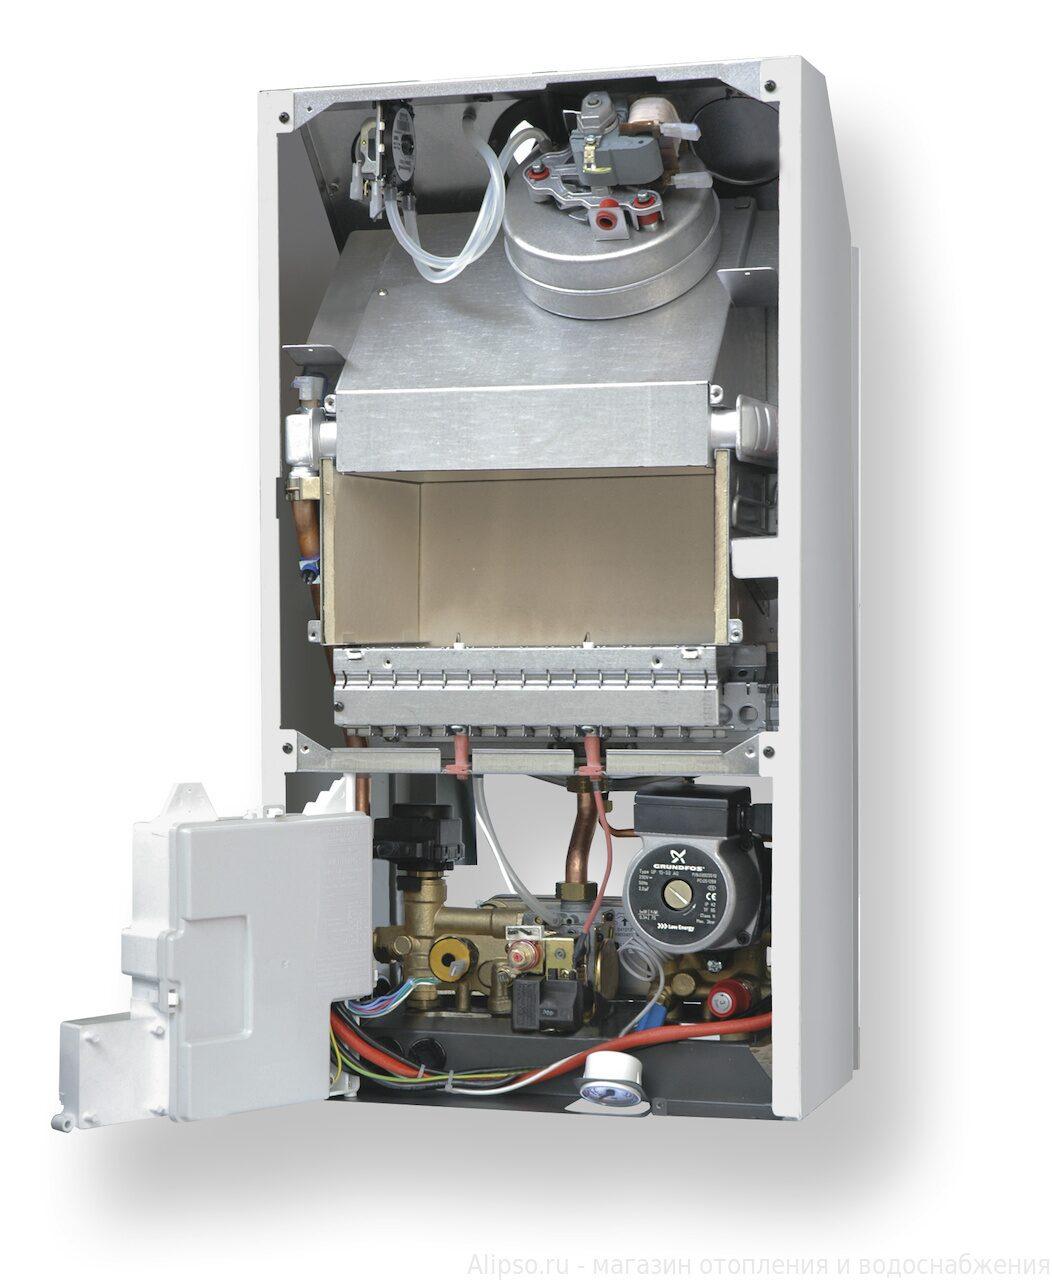 Газовый котел vela compact сервисный центр теплообменник для колонки vaillant 14 теплообменник на варшавской